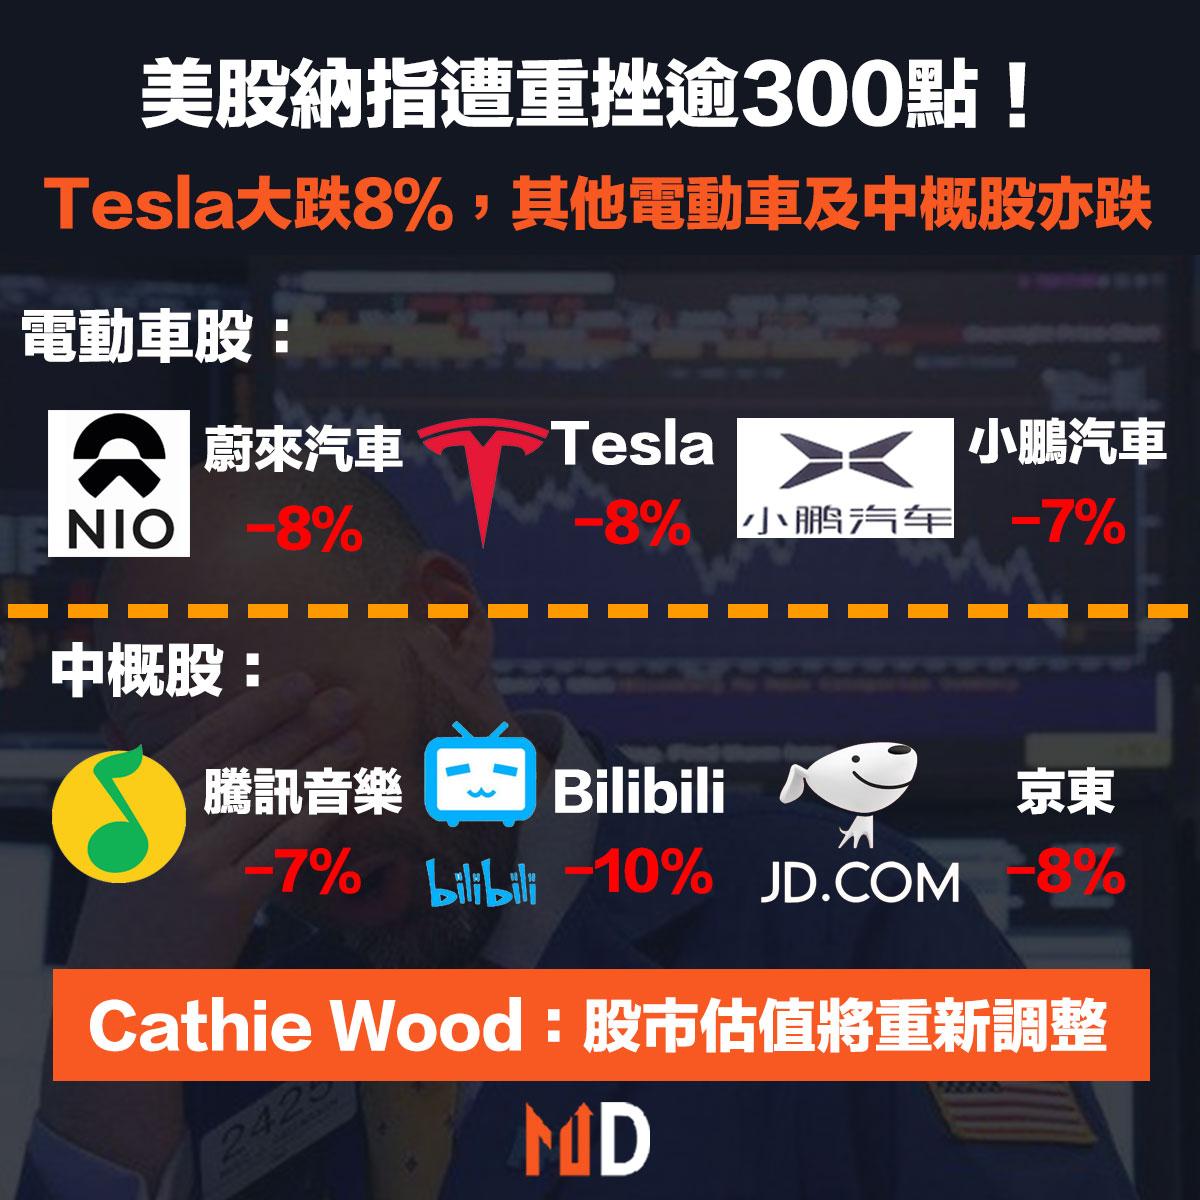 【Tesla重挫】美股納指遭重挫逾300點!Tesla大跌8%等電動車股及中概股大跌